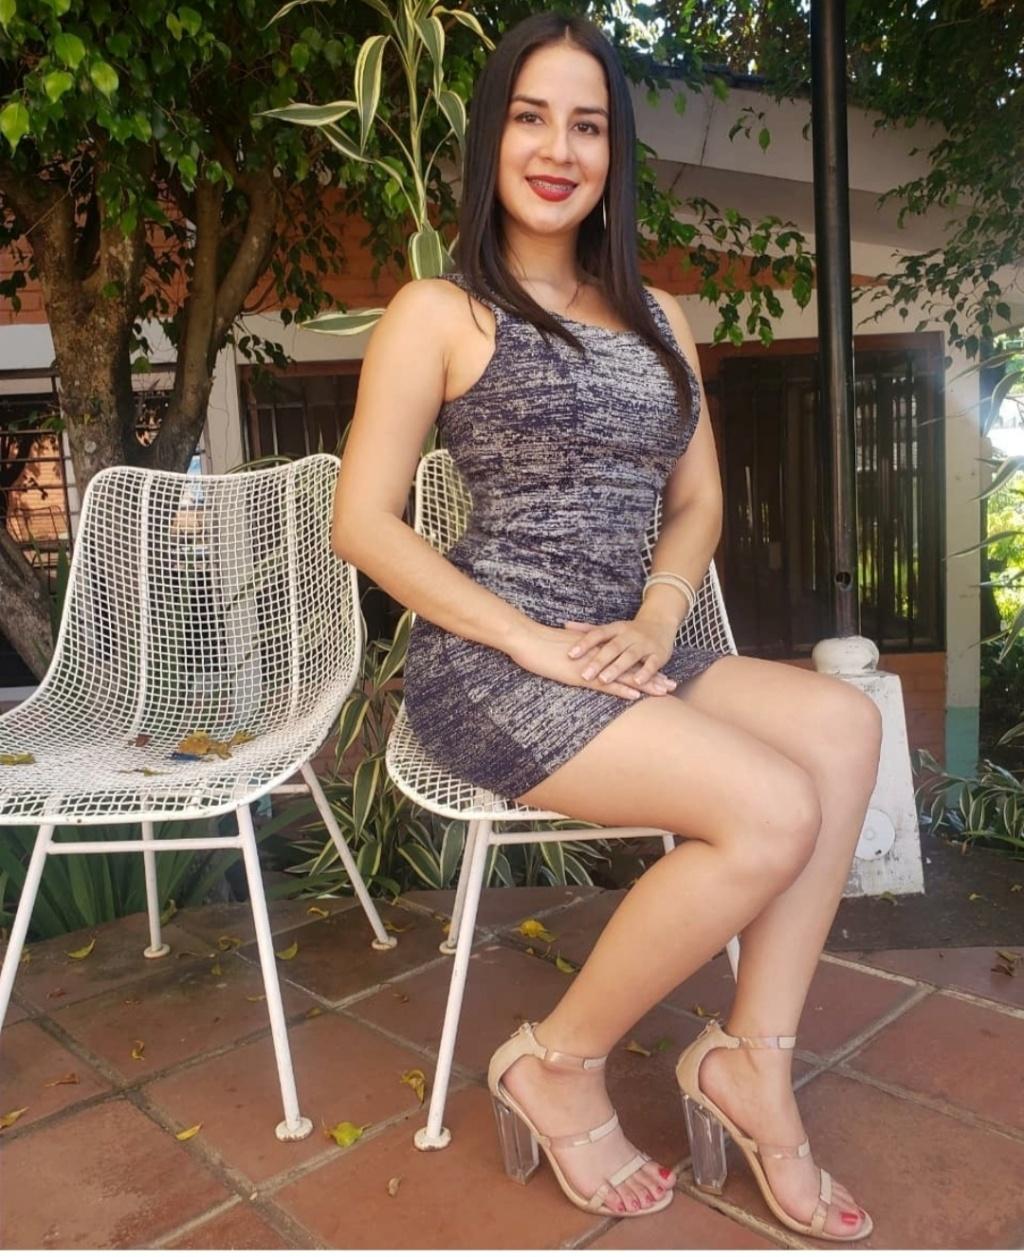 DEBATE sobre belleza, guapura y hermosura (fotos de chicas latinas, mestizas, y de todo) - VOL II - Página 14 Img_2625